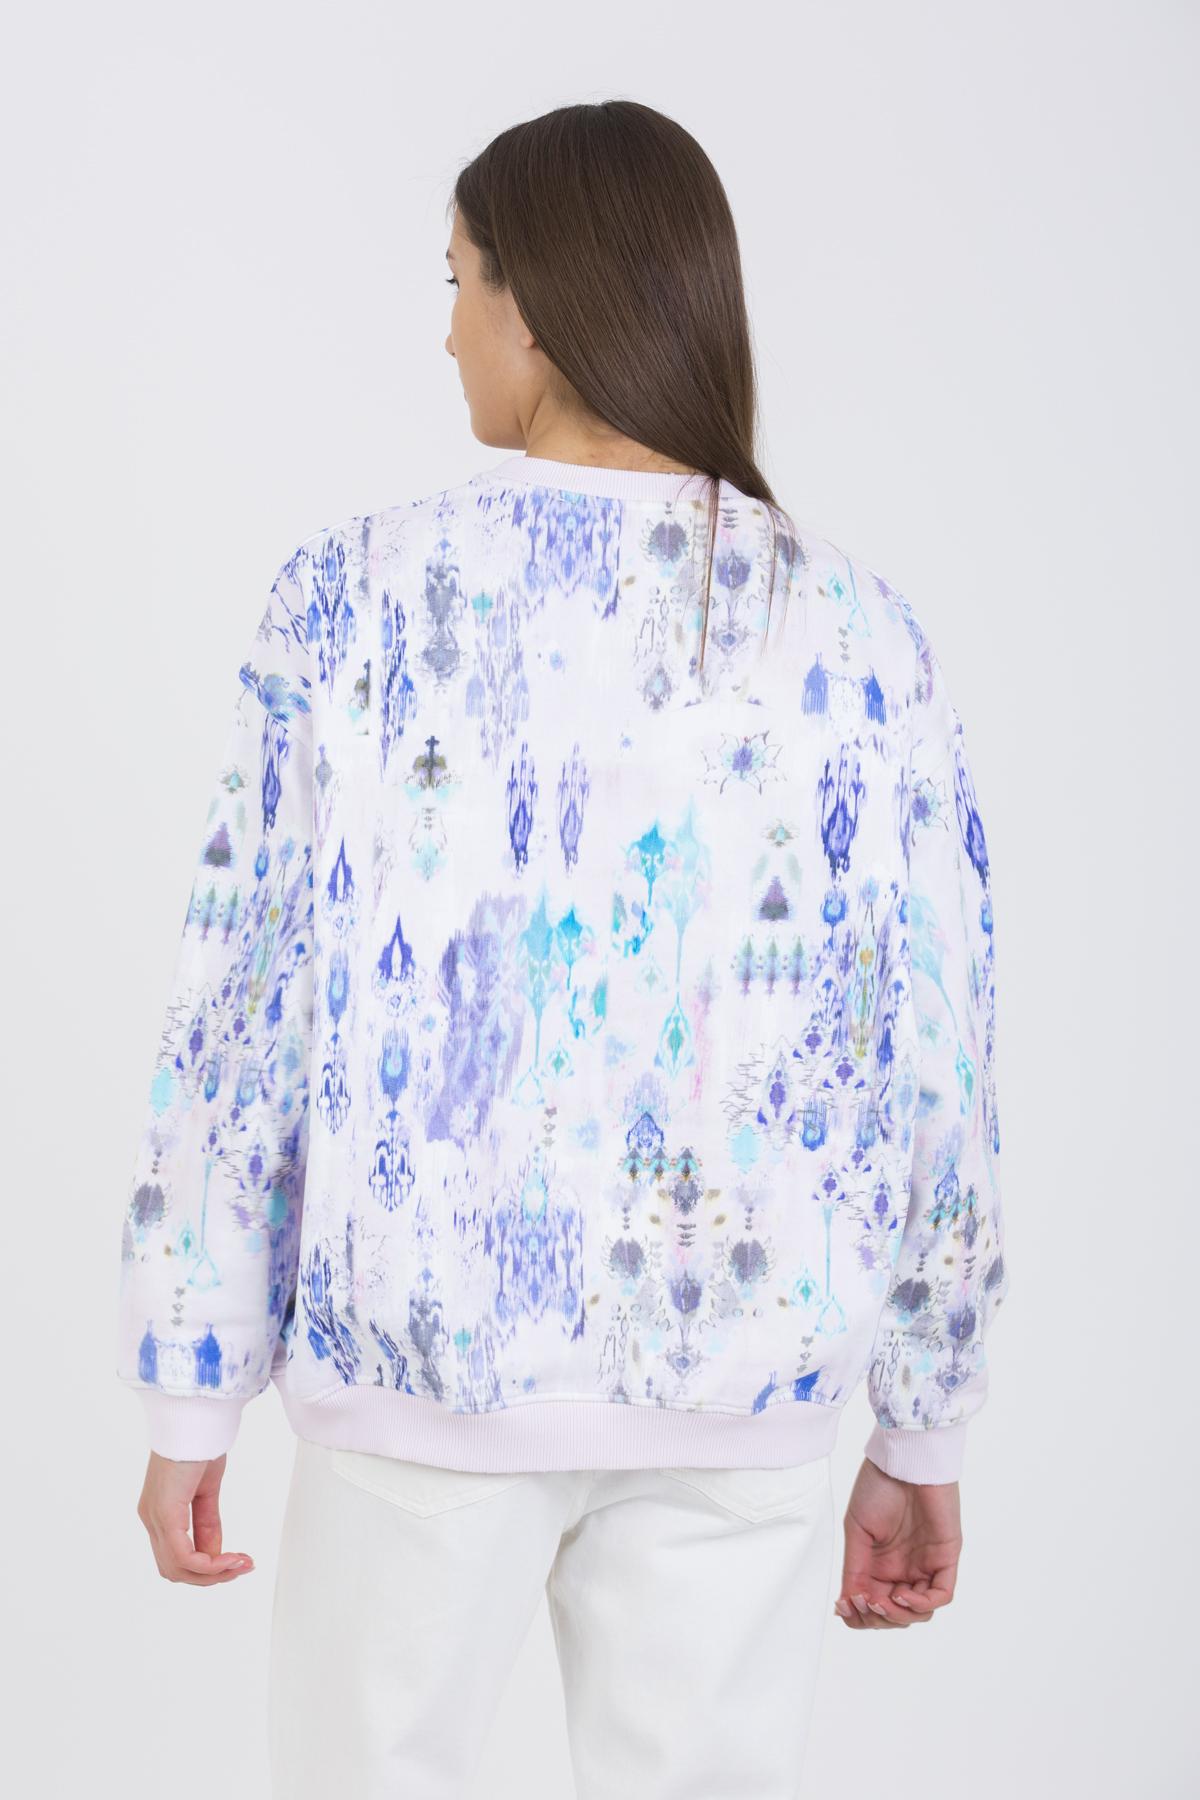 laya-sweatshirt-pink-abstract-iro-oversize-matchboxathens